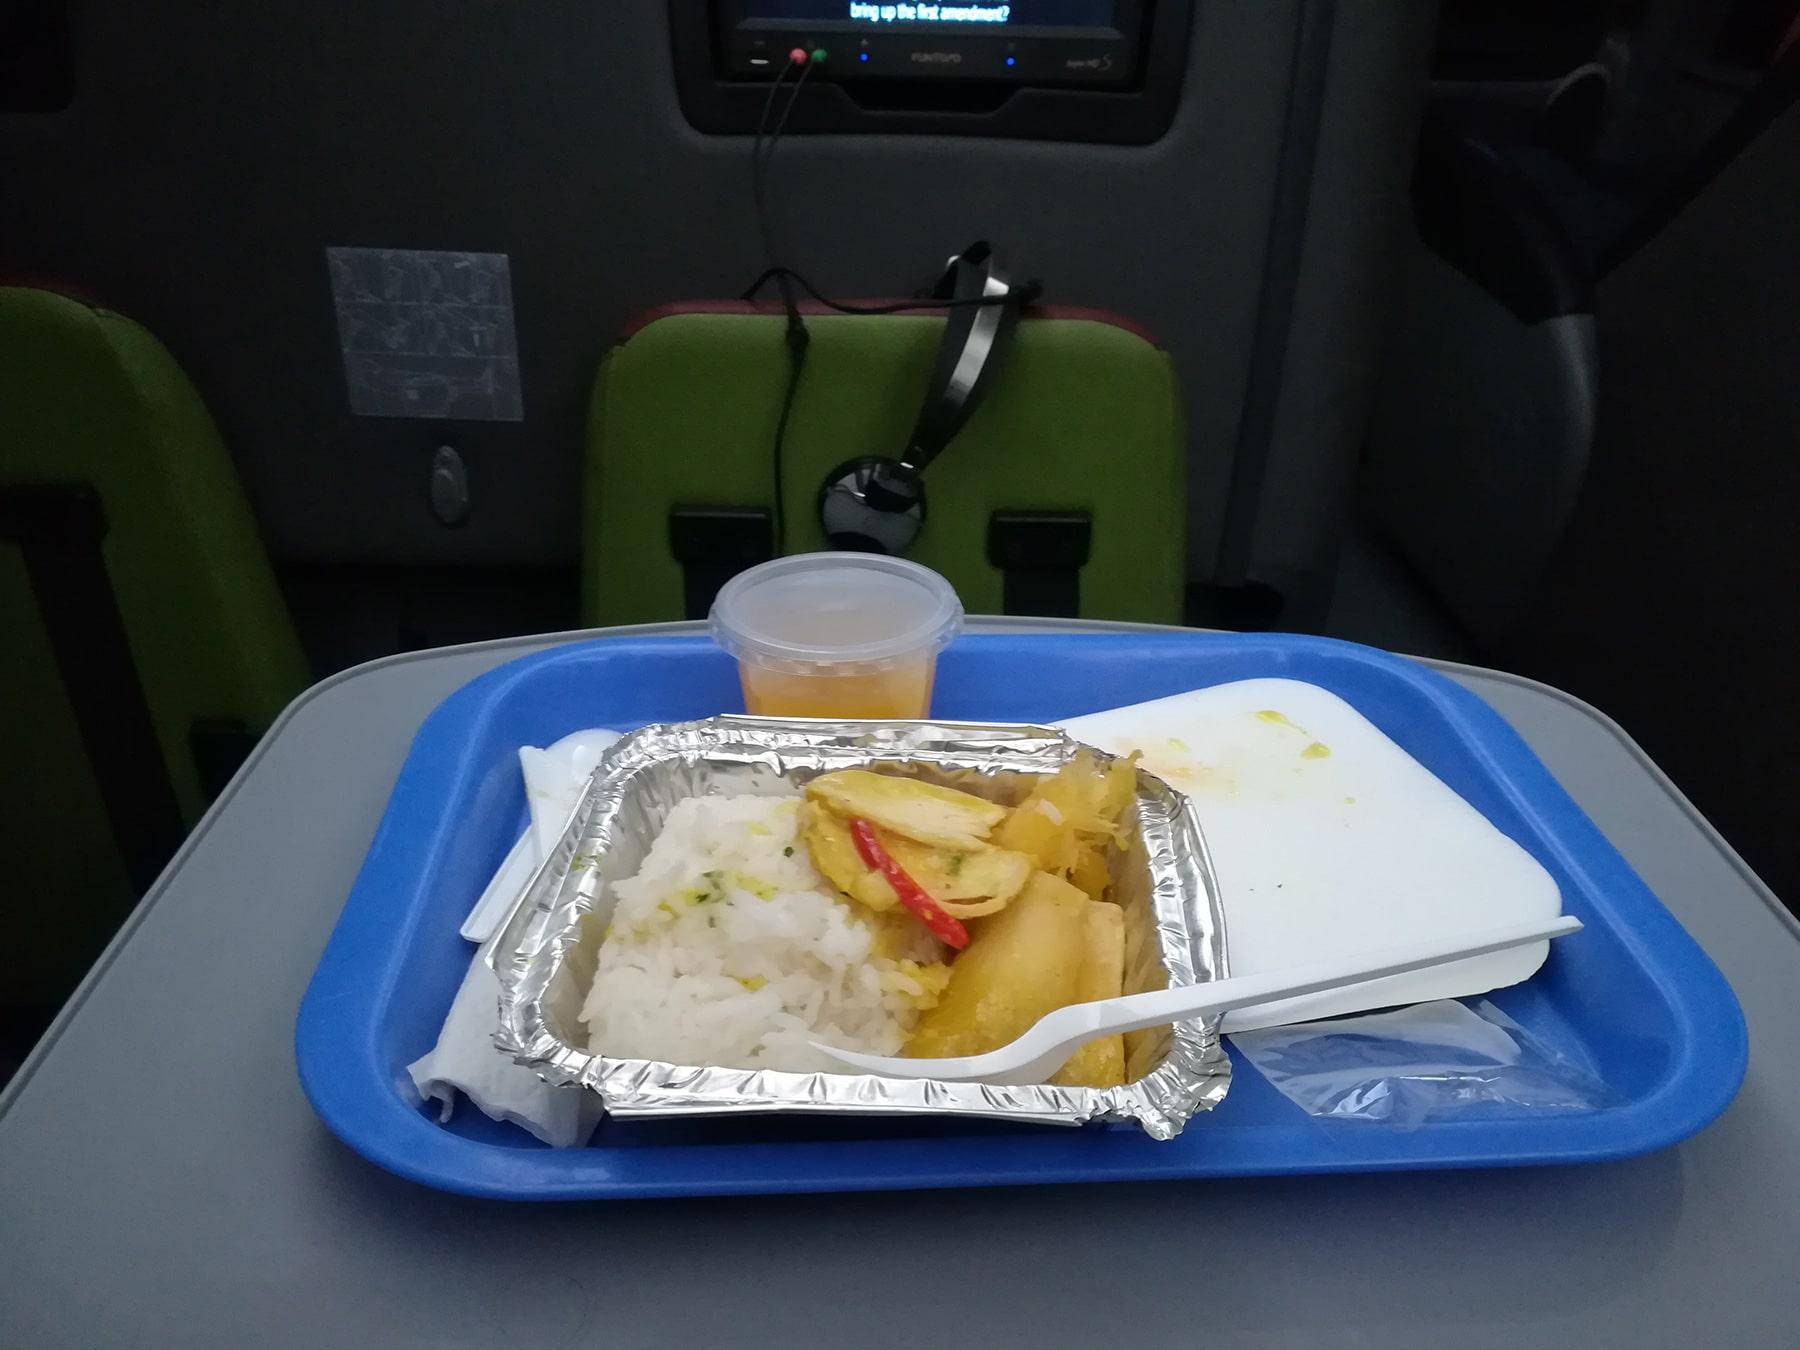 Dinner in the Oltursa bus